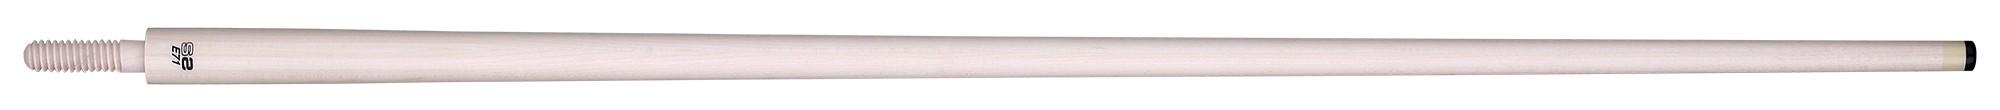 Longoni S2 C71cm - 12mm WJ